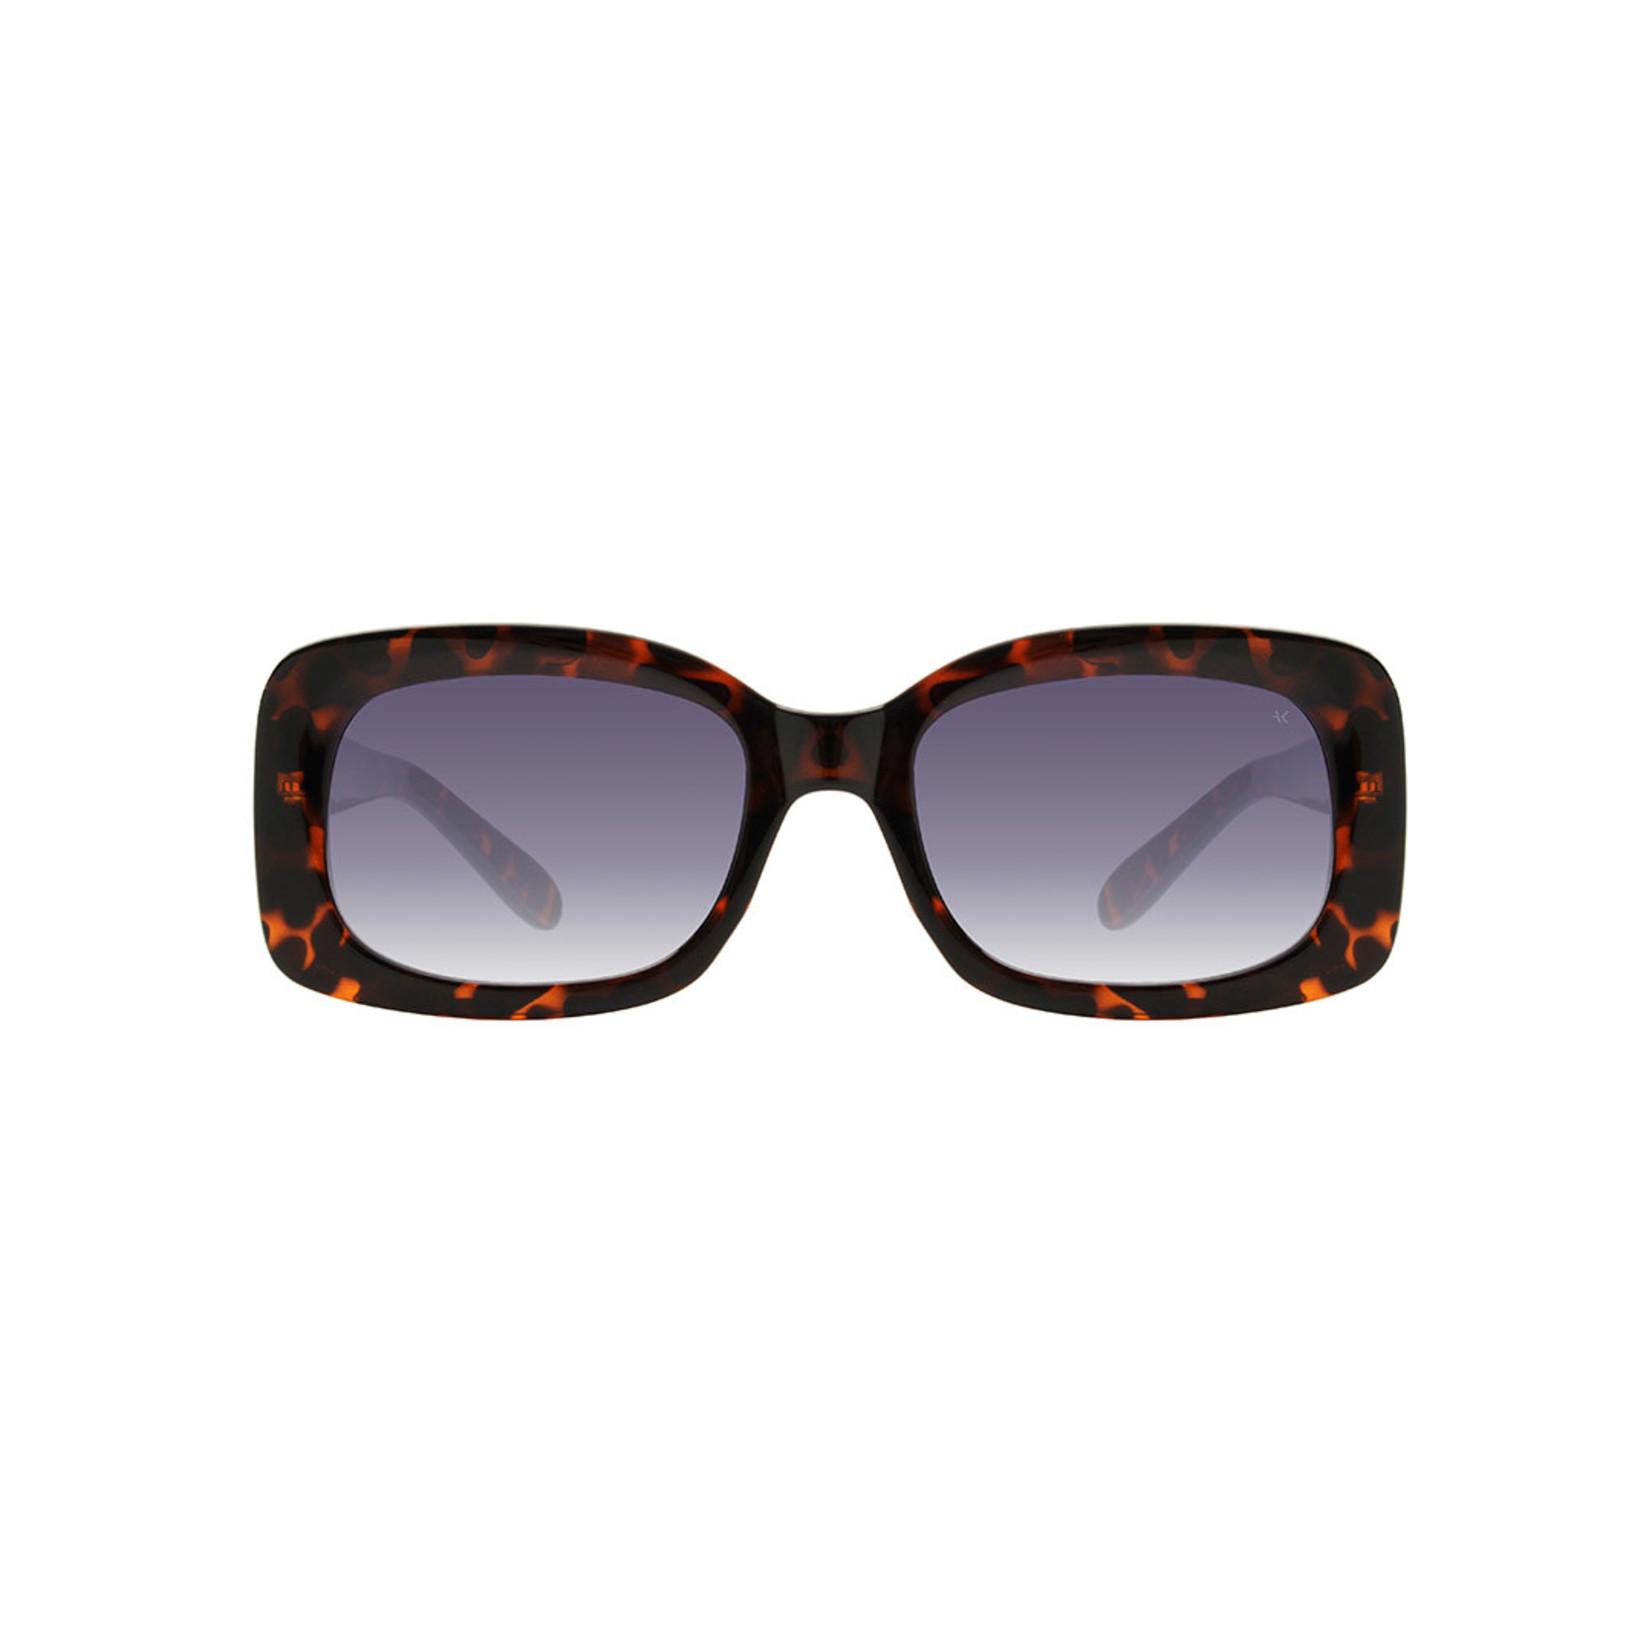 Kjearbede Kjearbede zonnebril Salo Demi Turtoise/KL2115-001